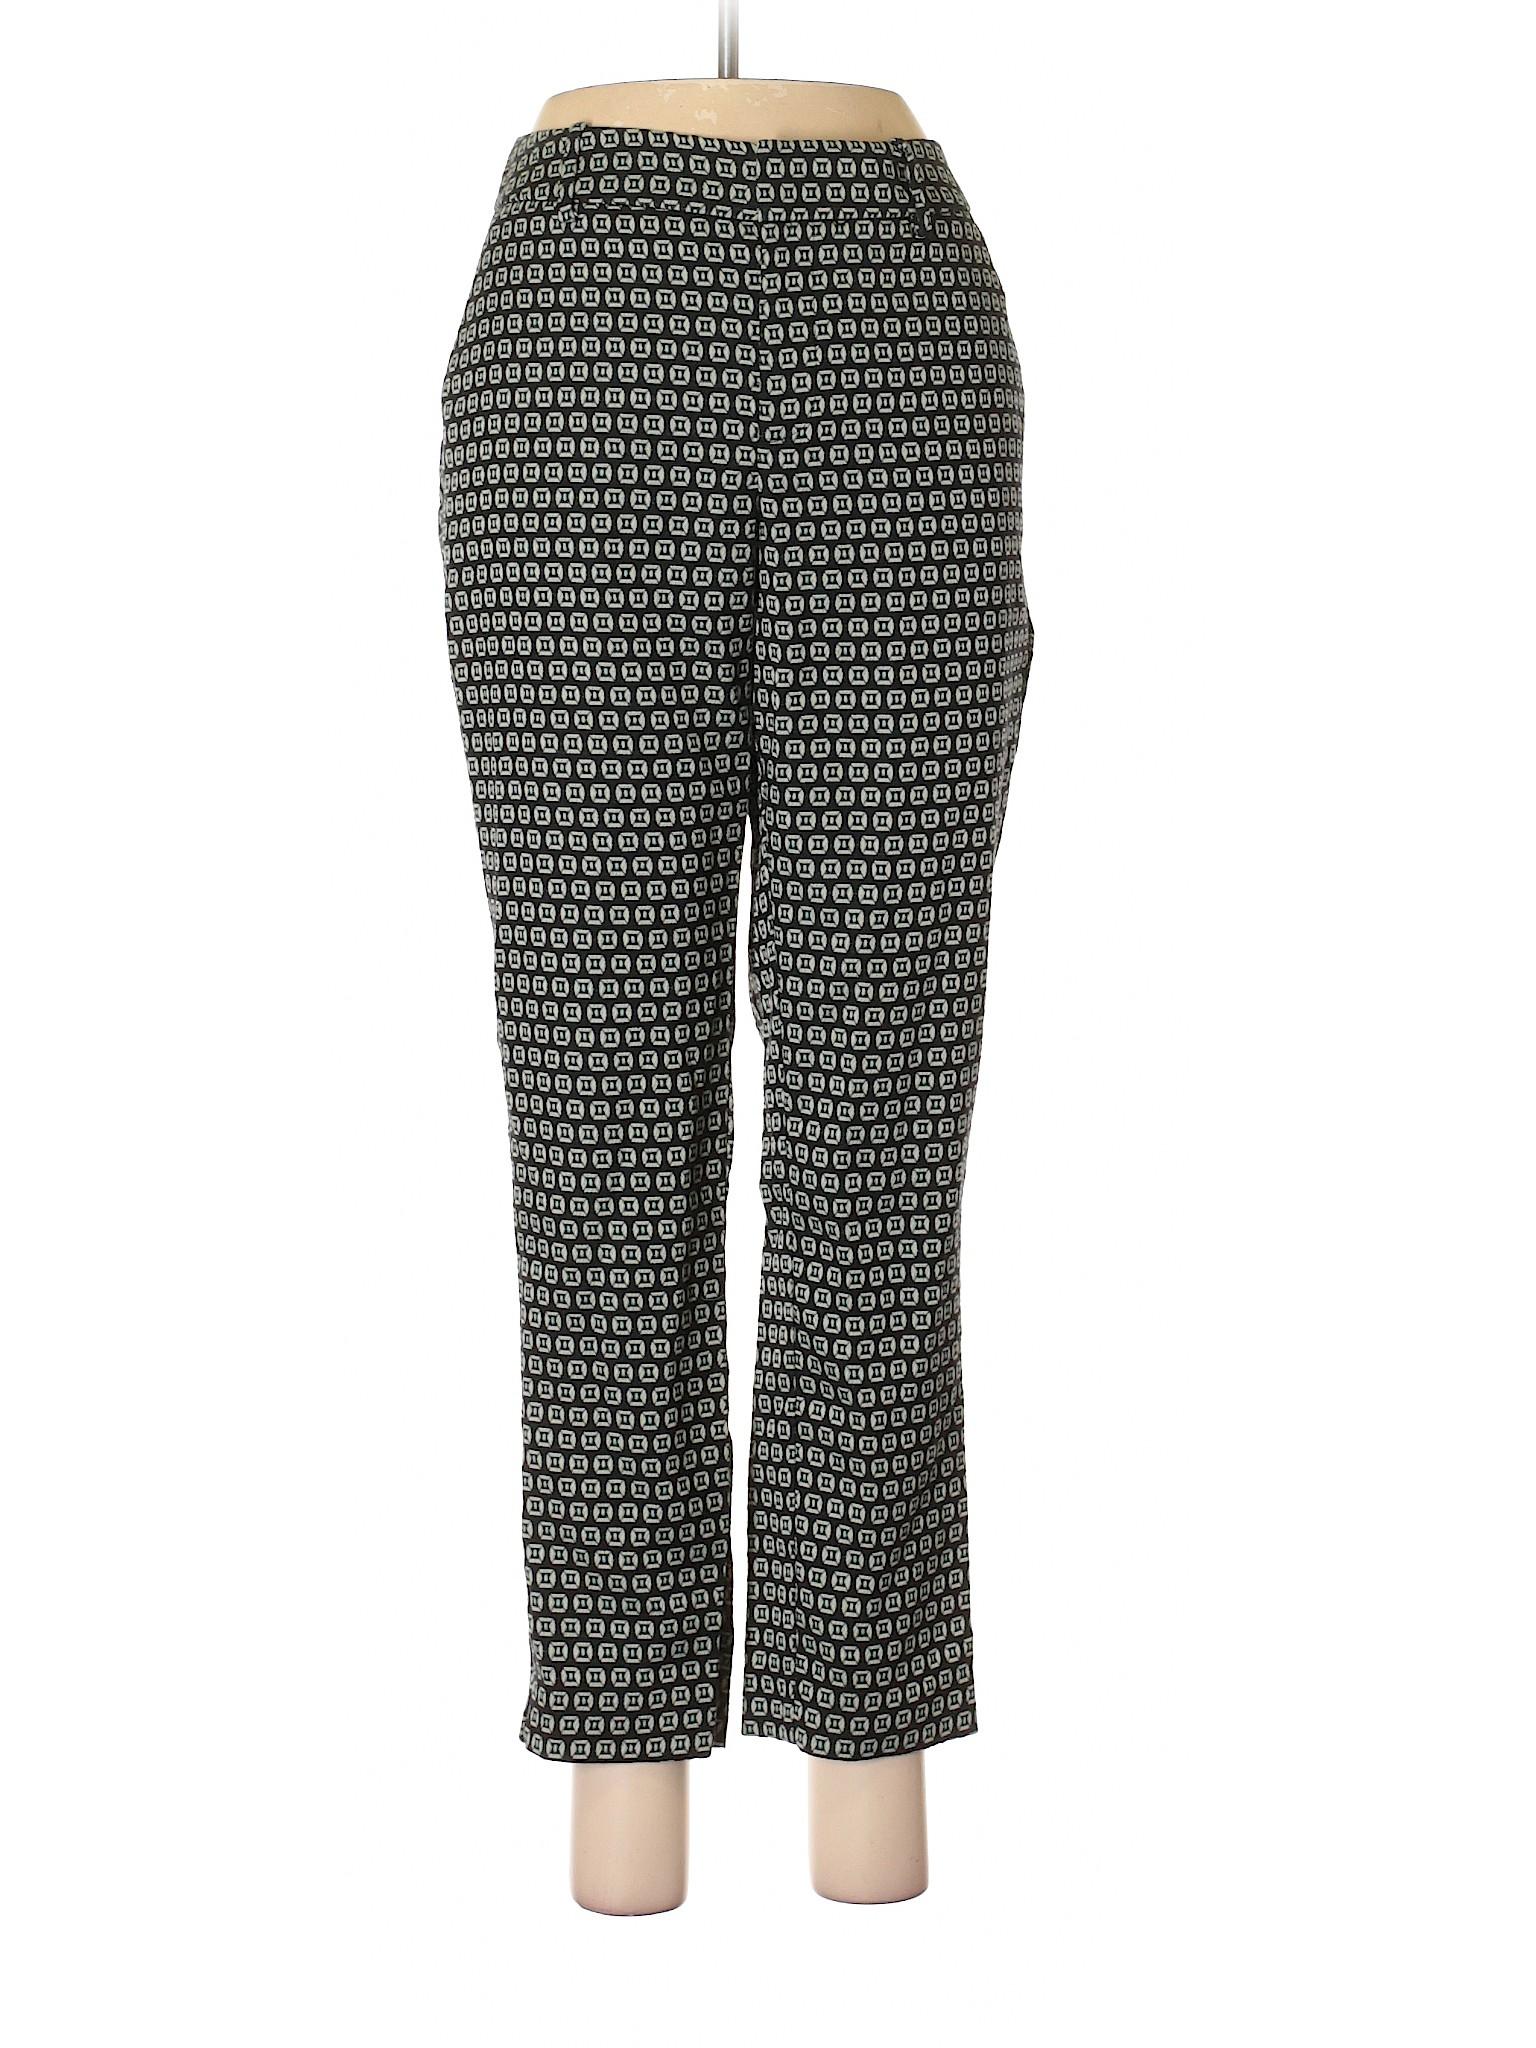 a5dc8759eb5 Boutique Boutique Merona Merona Pants Boutique Pants Casual Casual  vFvqrwzHx ...